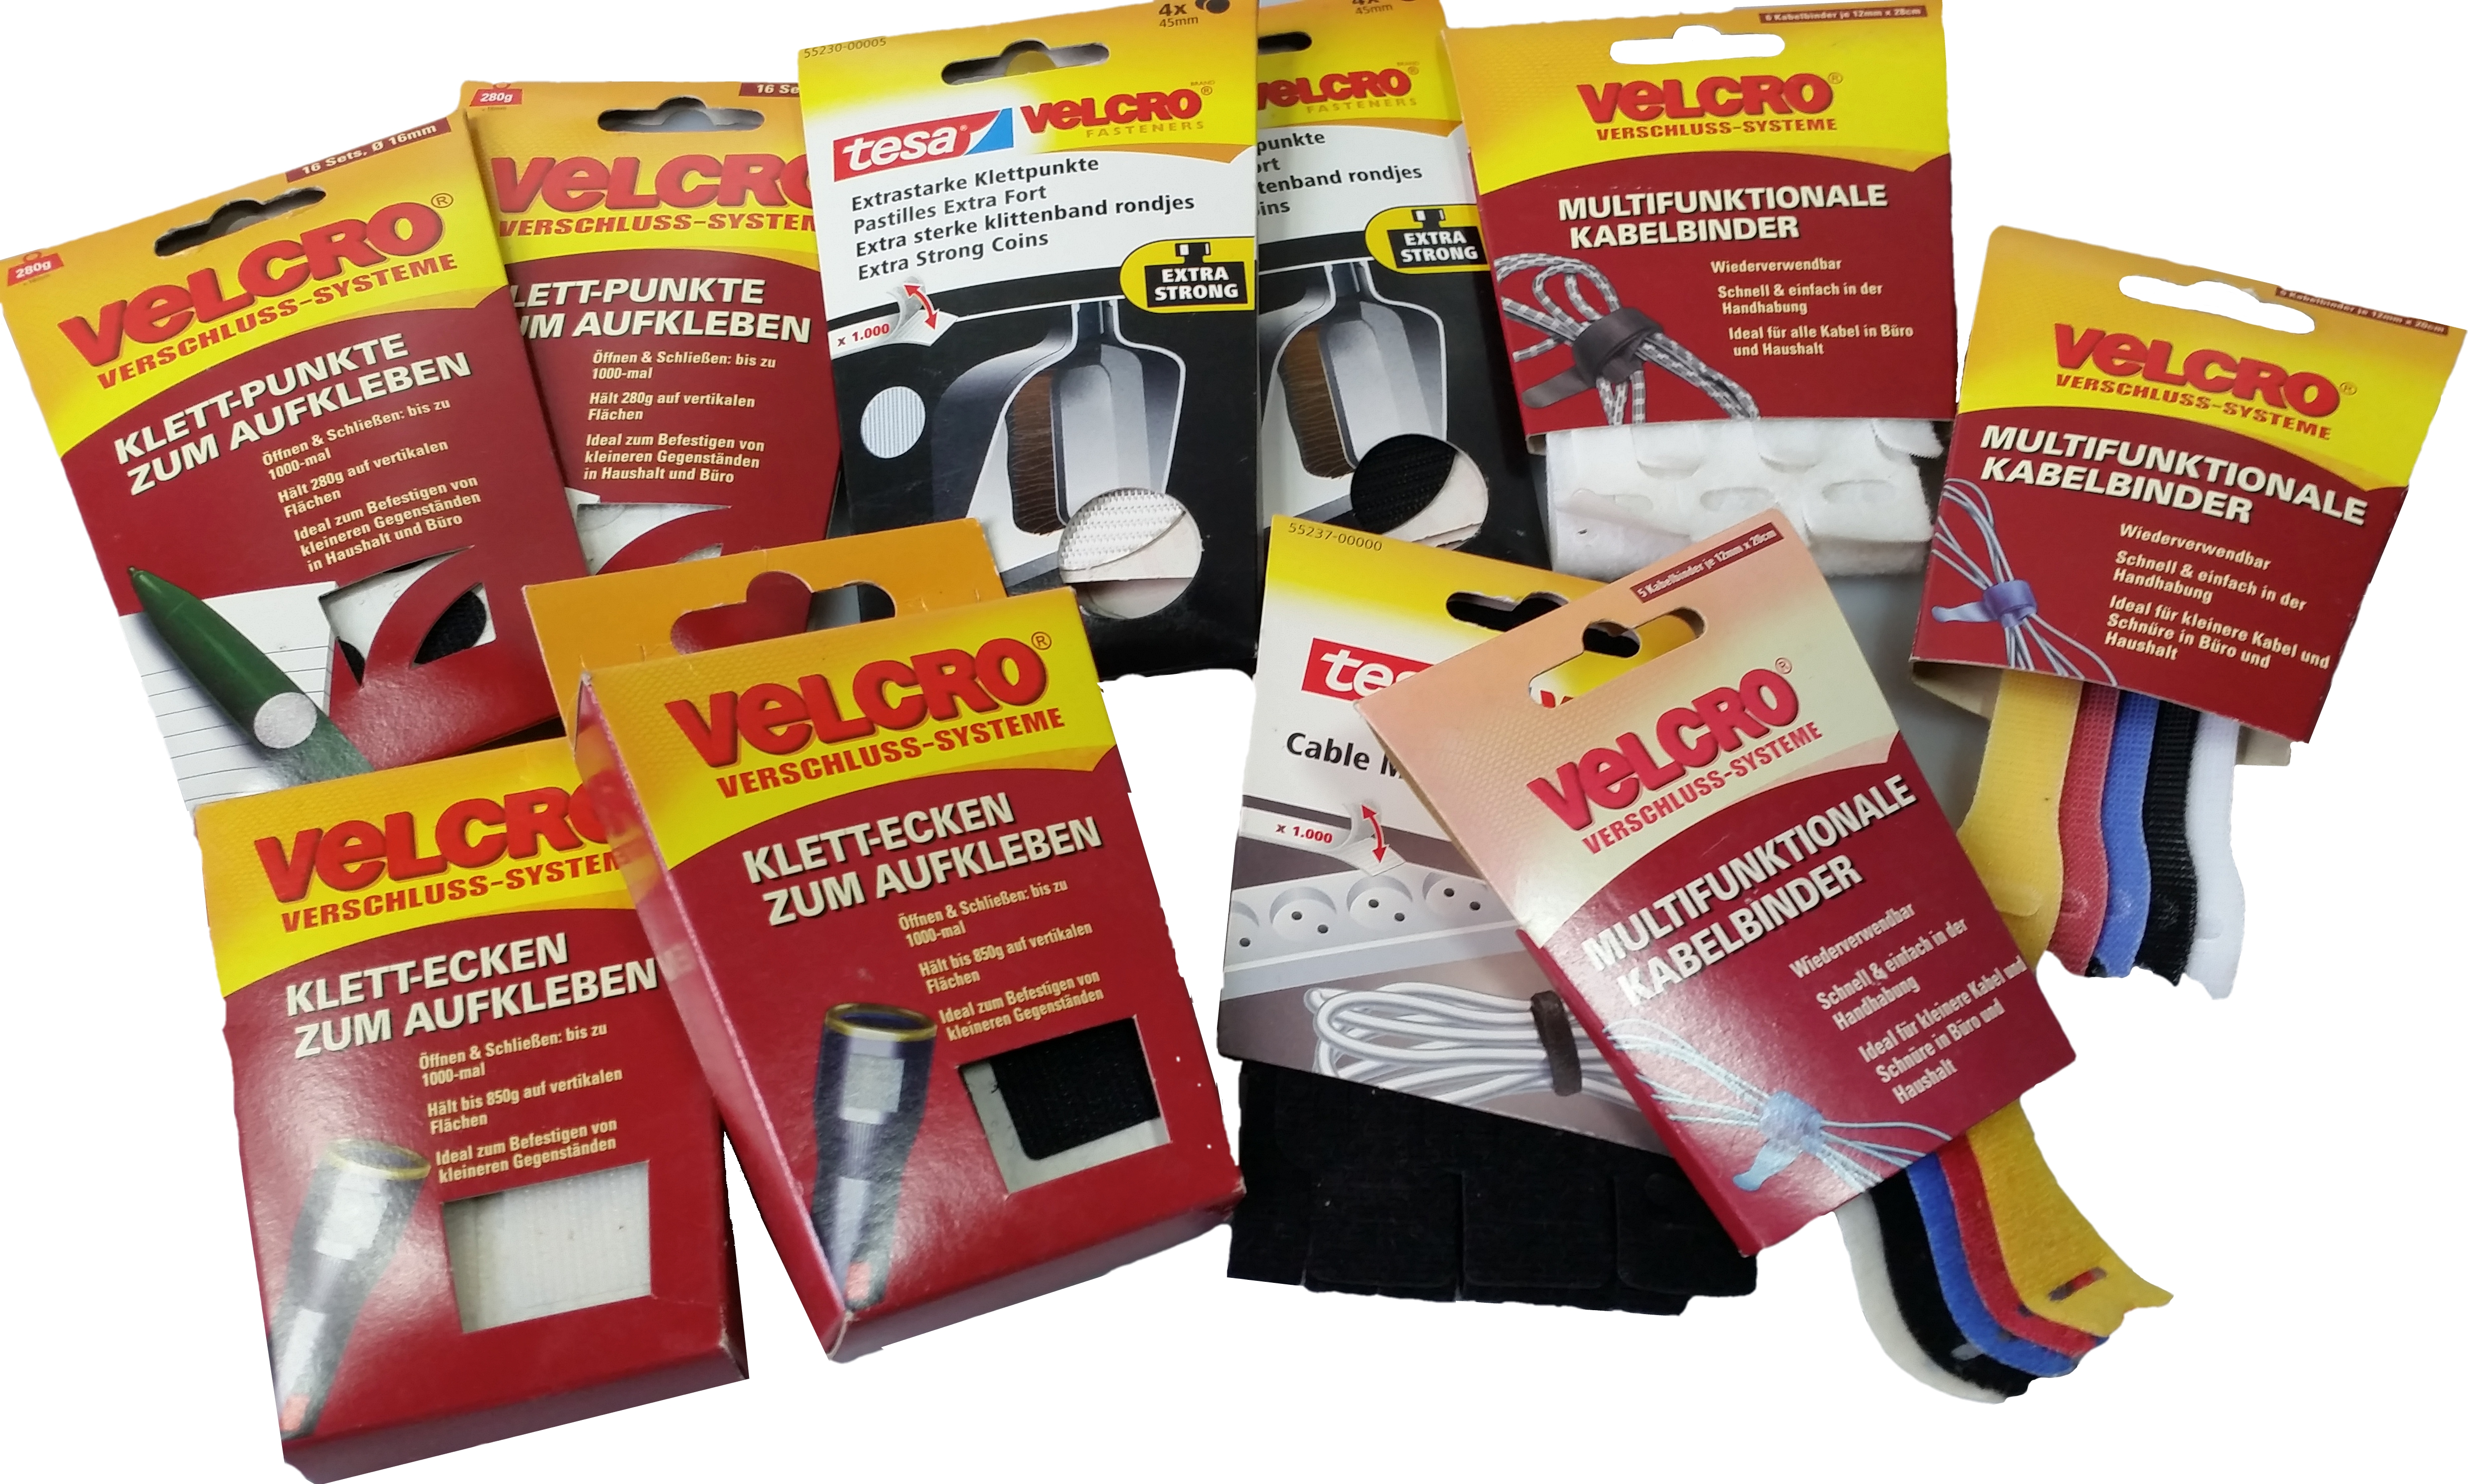 Velcro, Tesa Velcro großes Klett und Kabelbinder Sortiment gesamt ...